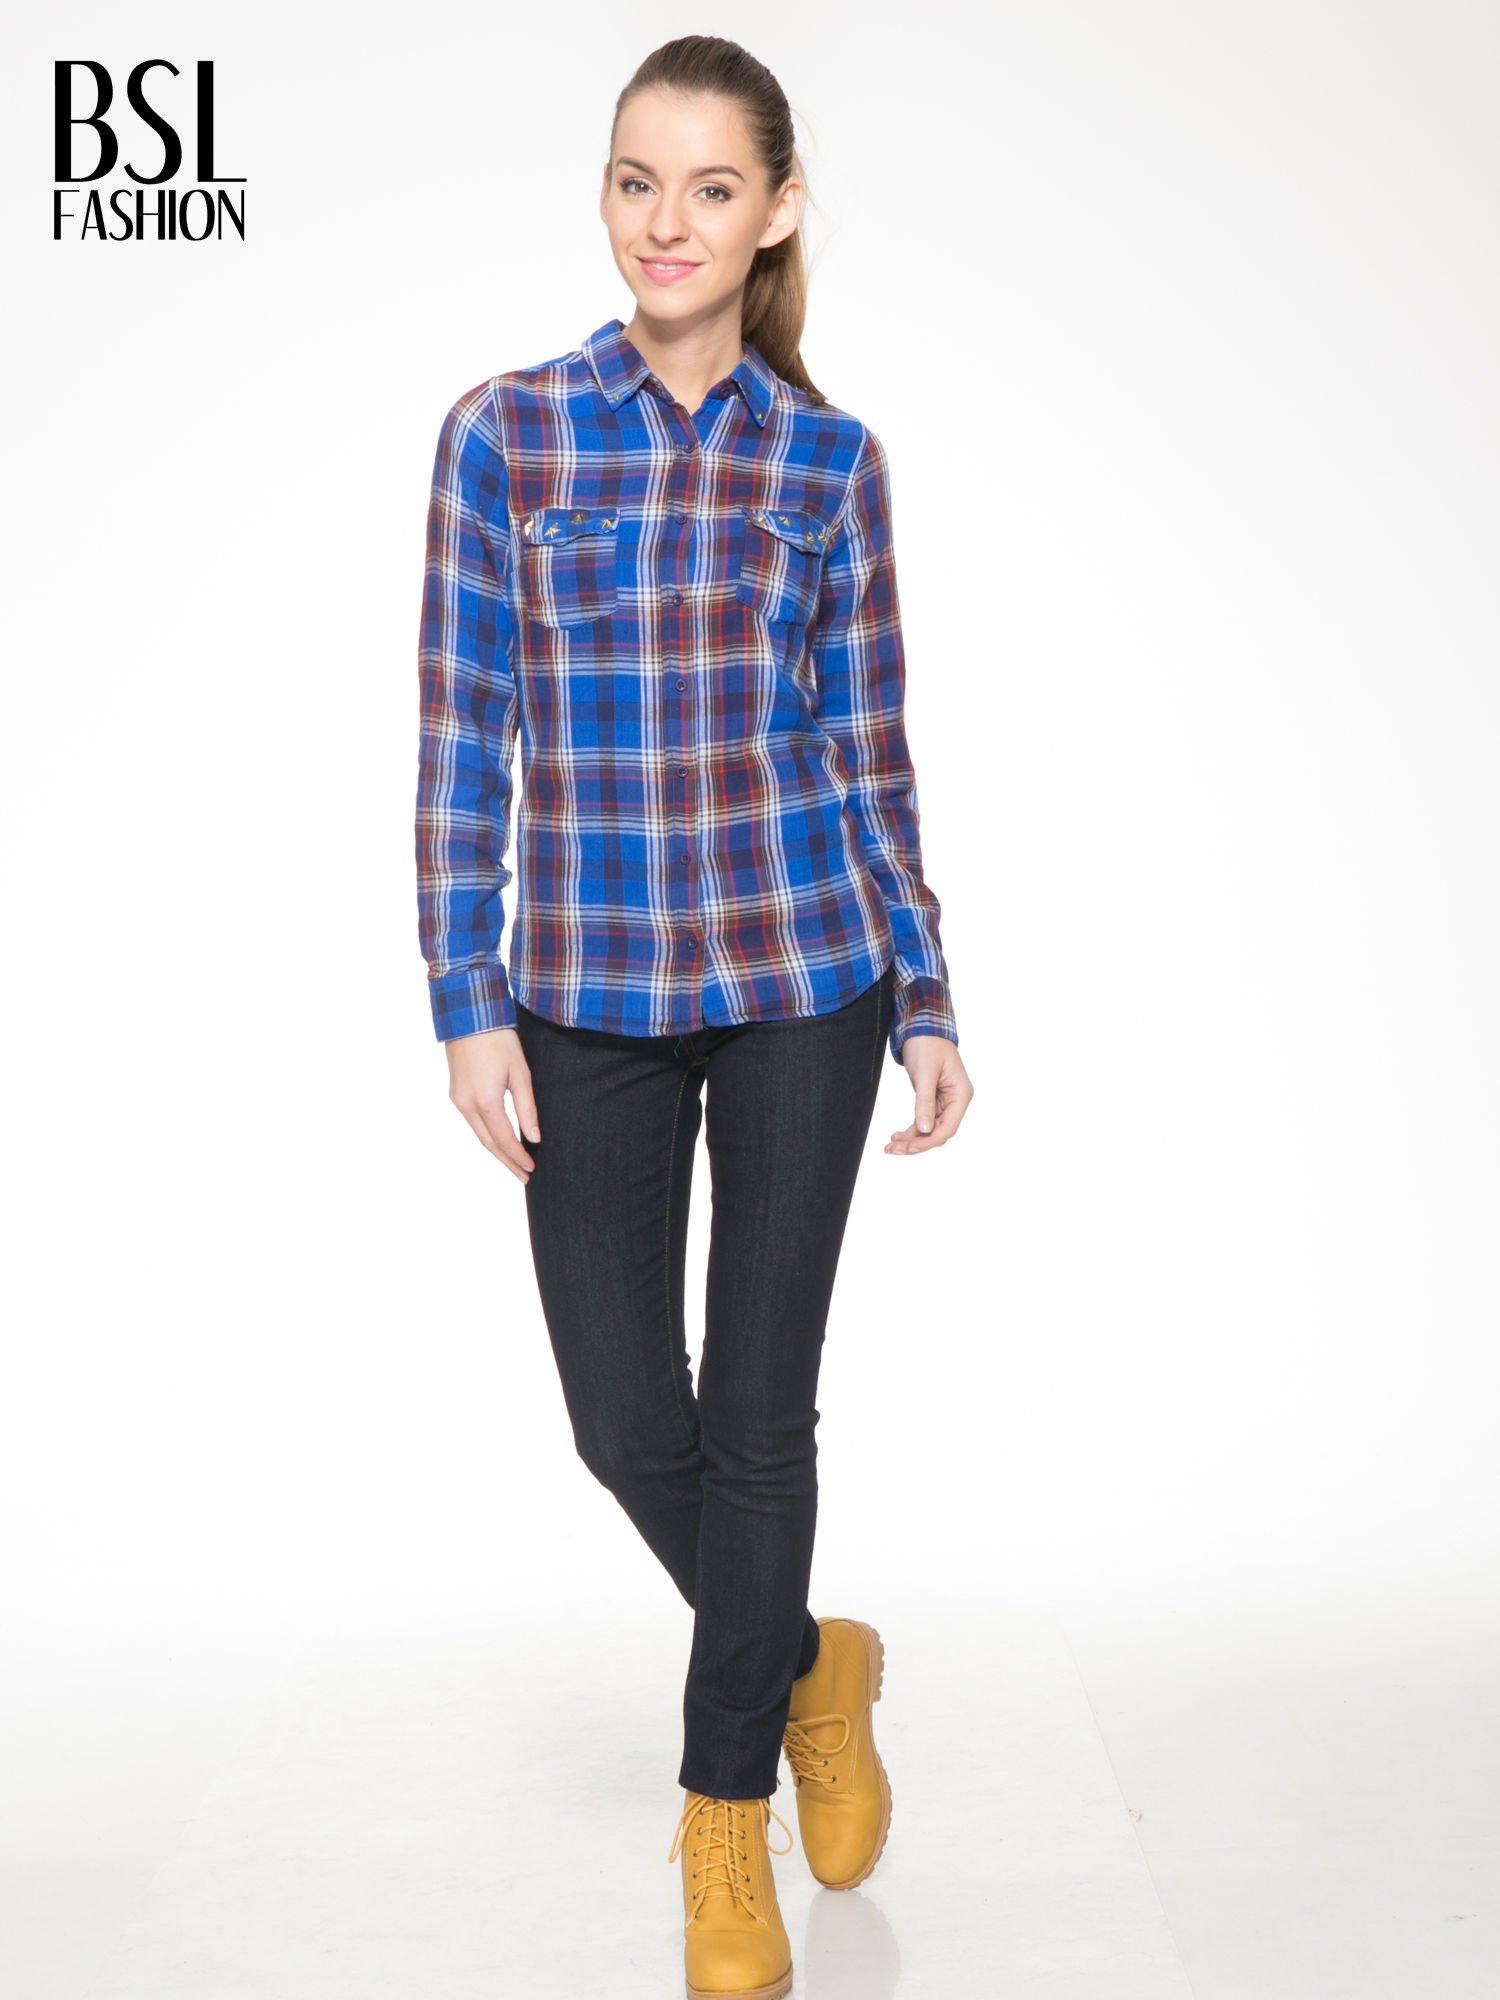 Niebieska koszula w kratę z gwiazdkami przy kieszonkach                                  zdj.                                  2